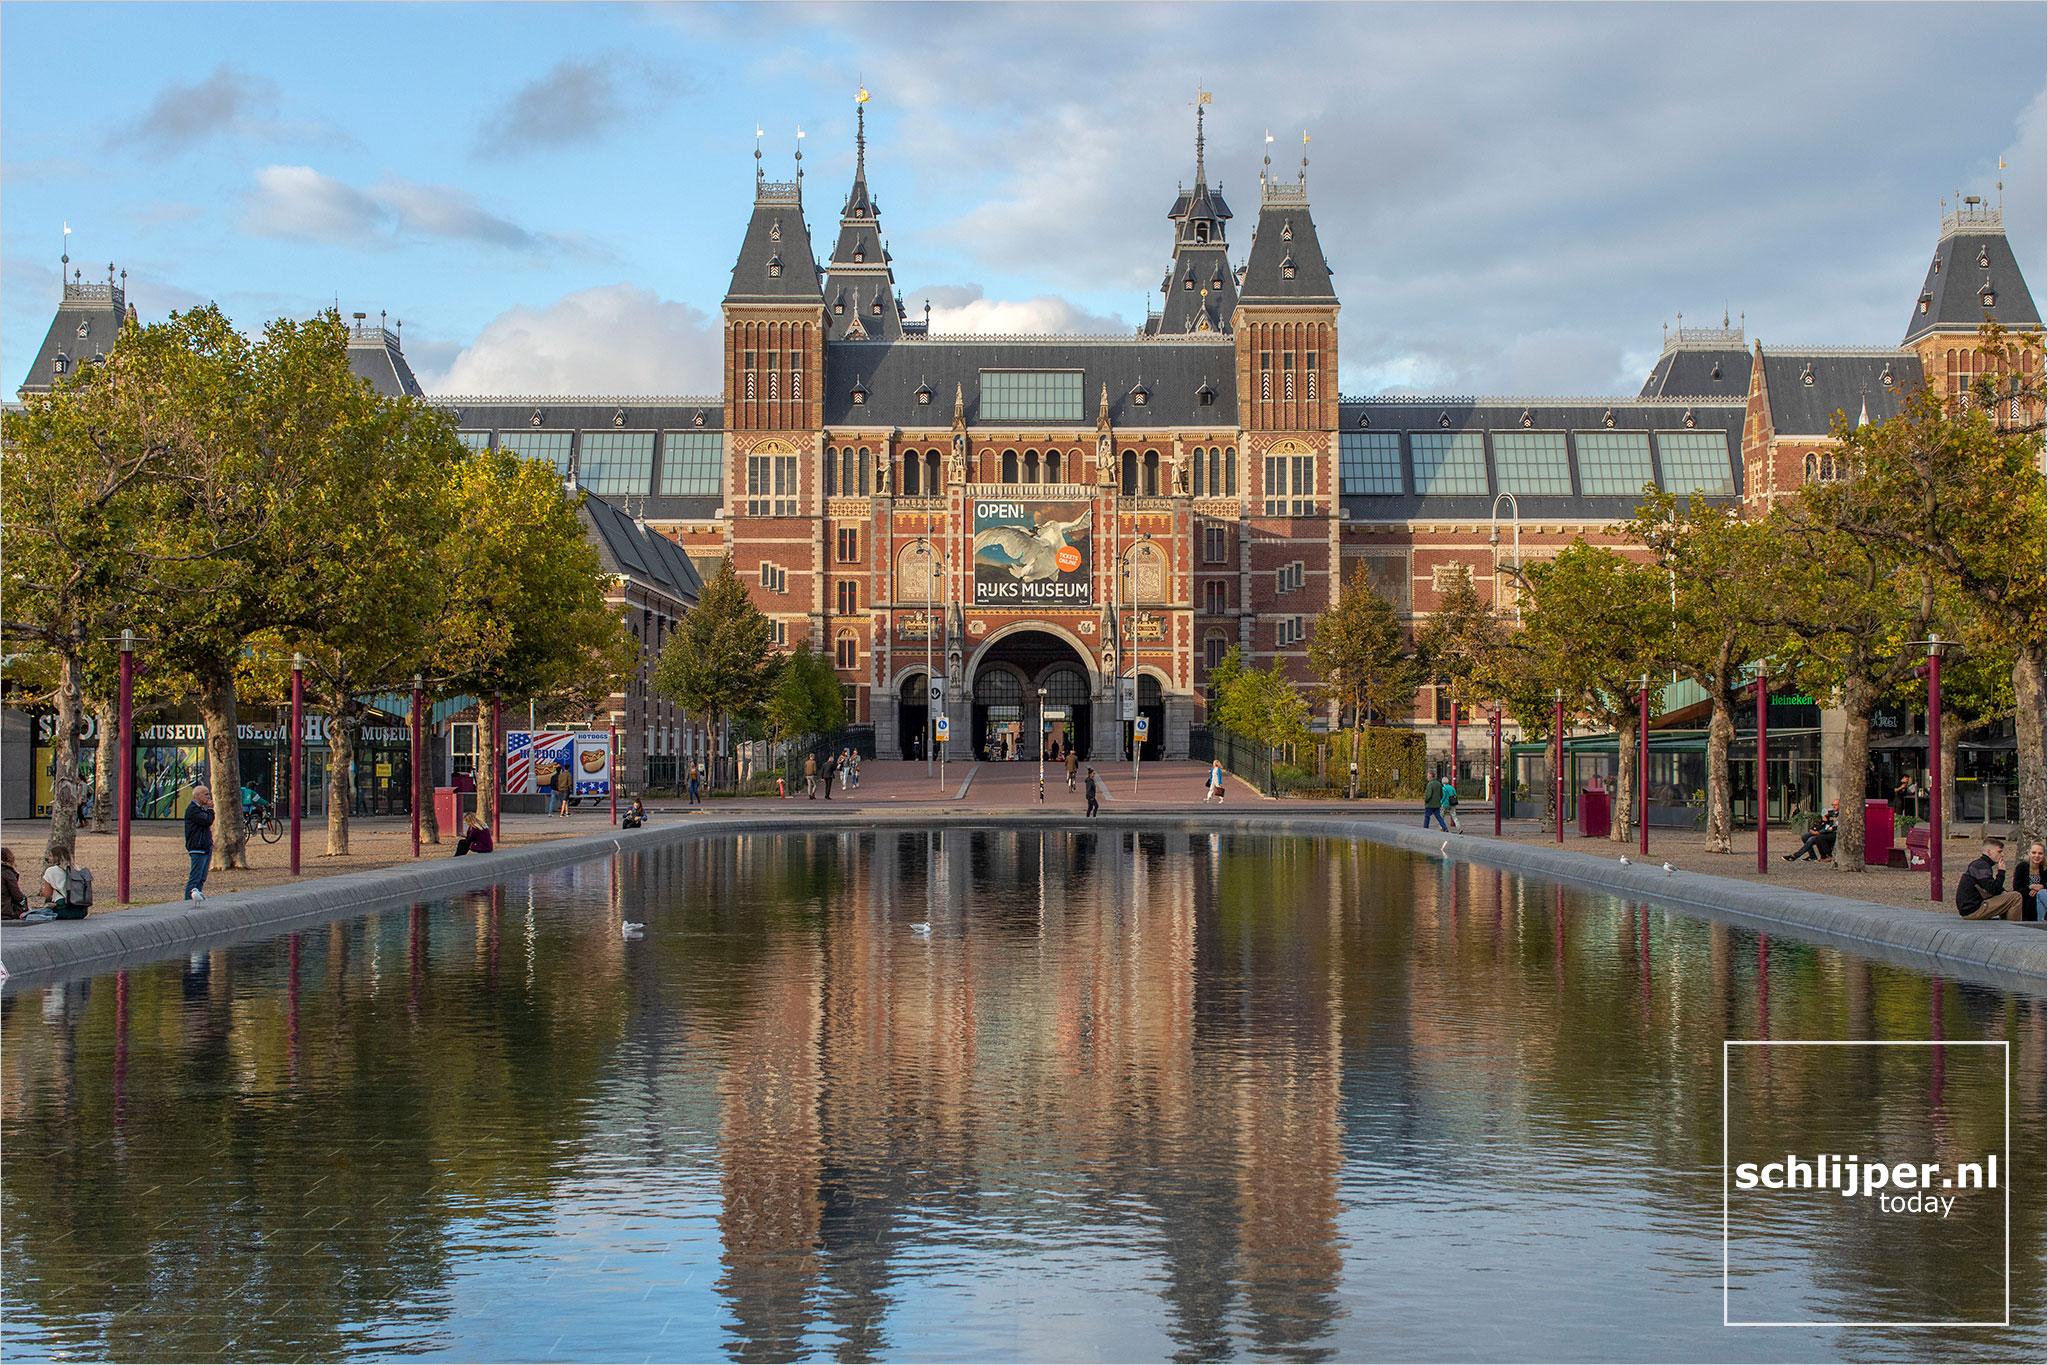 Nederland, Amsterdam, 9 september 2020